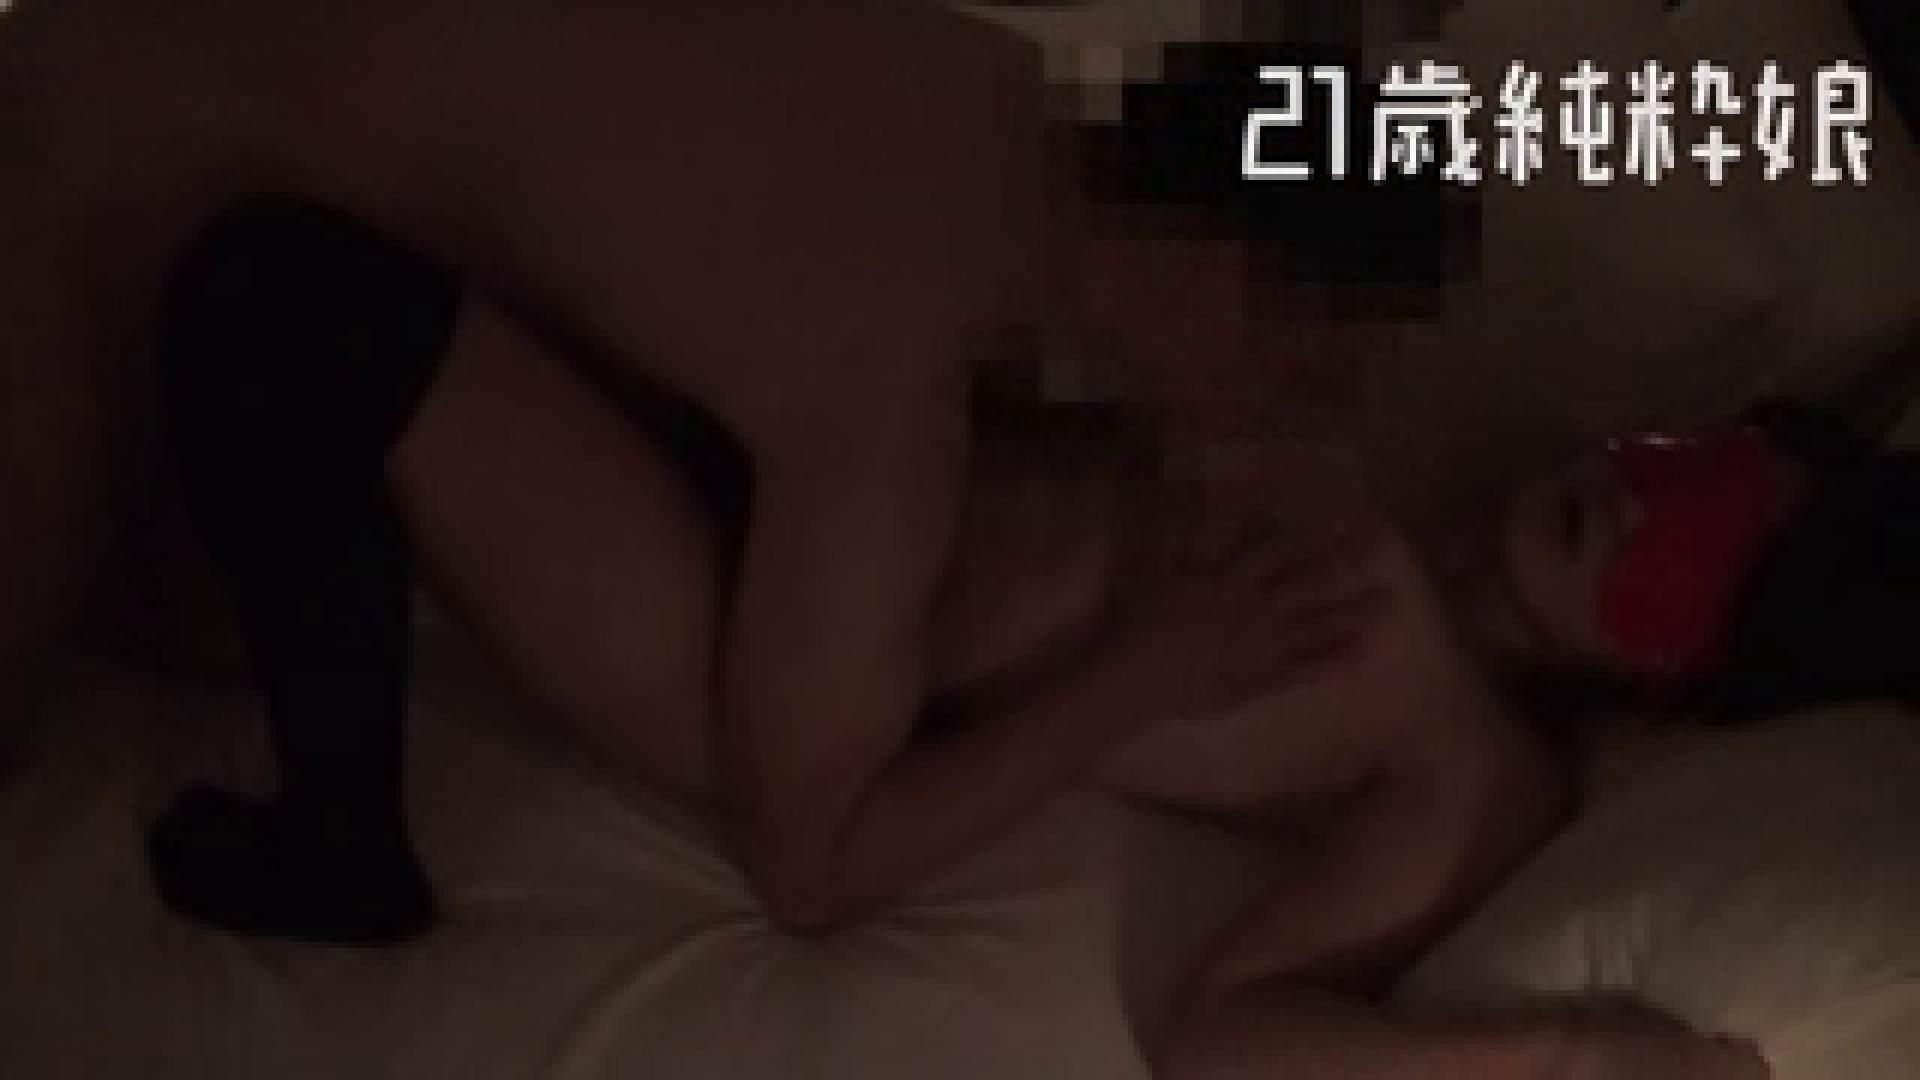 上京したばかりのGカップ21歳純粋嬢を都合の良い女にしてみた4 友人 | ホテル  60連発 34